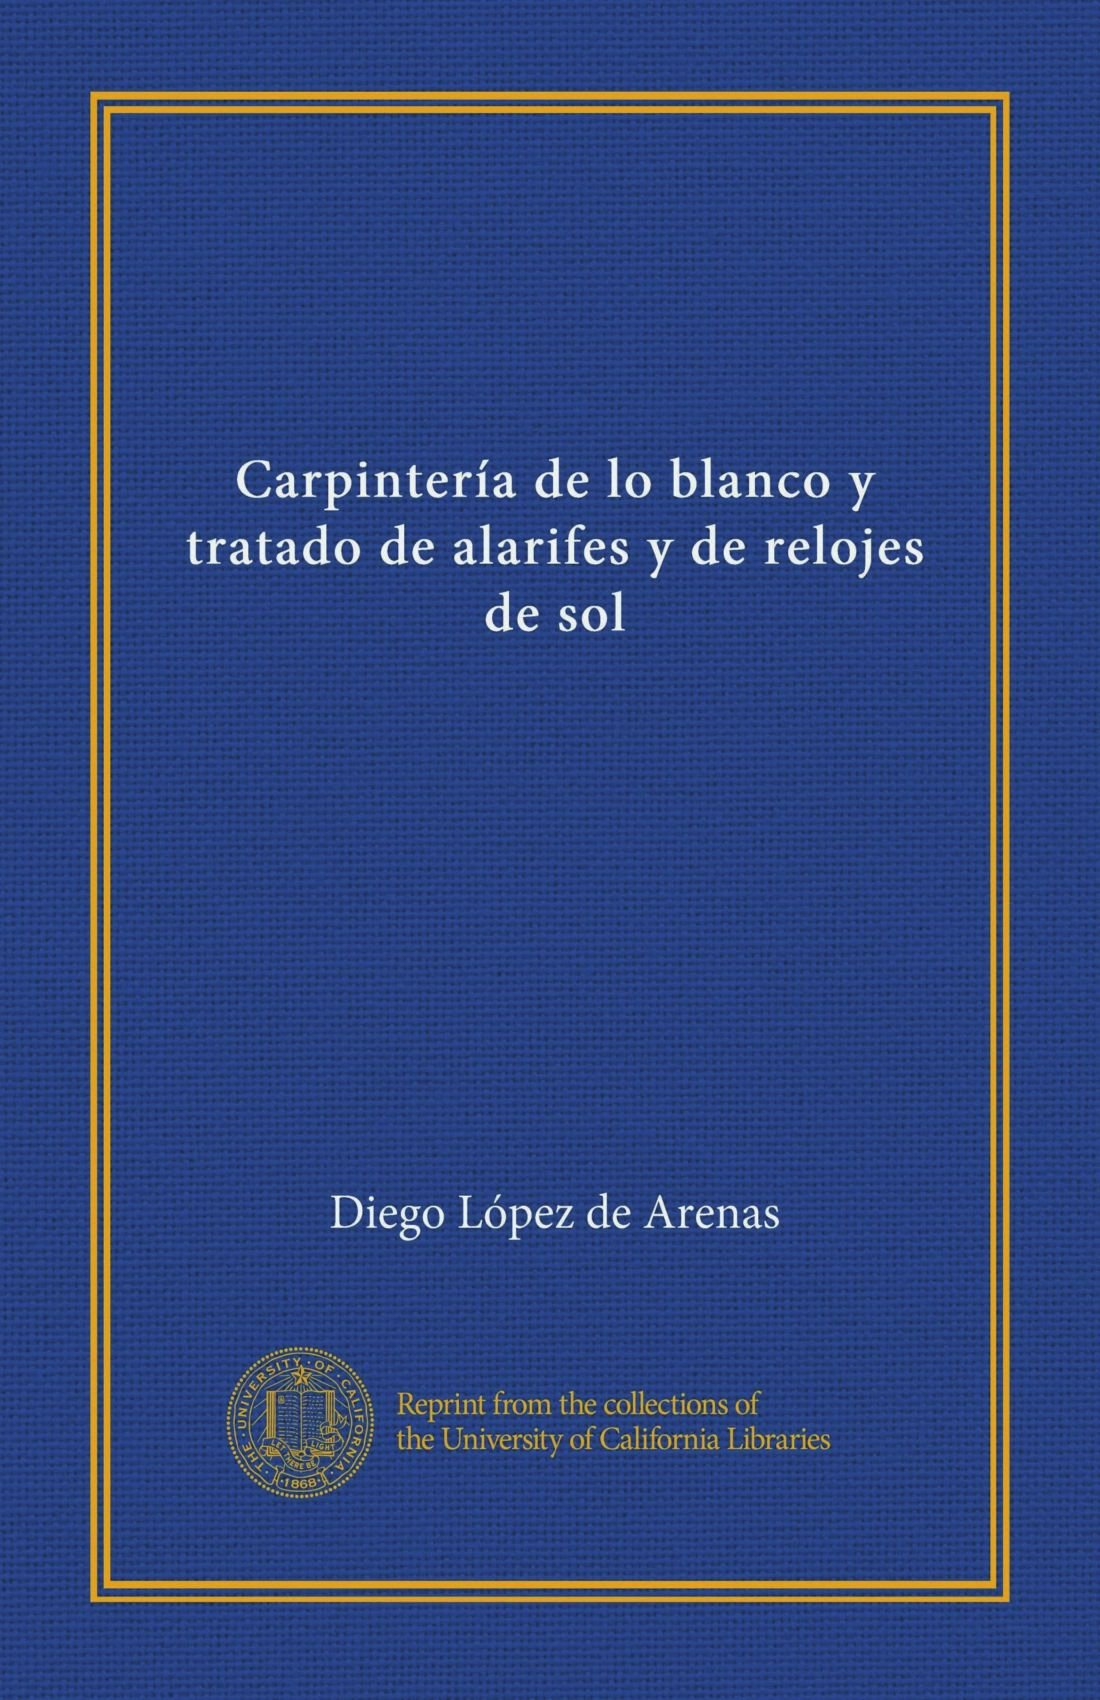 Carpintería de lo blanco y tratado de alarifes y de relojes de sol (Spanish Edition) (Spanish) Paperback – January 1, 1912